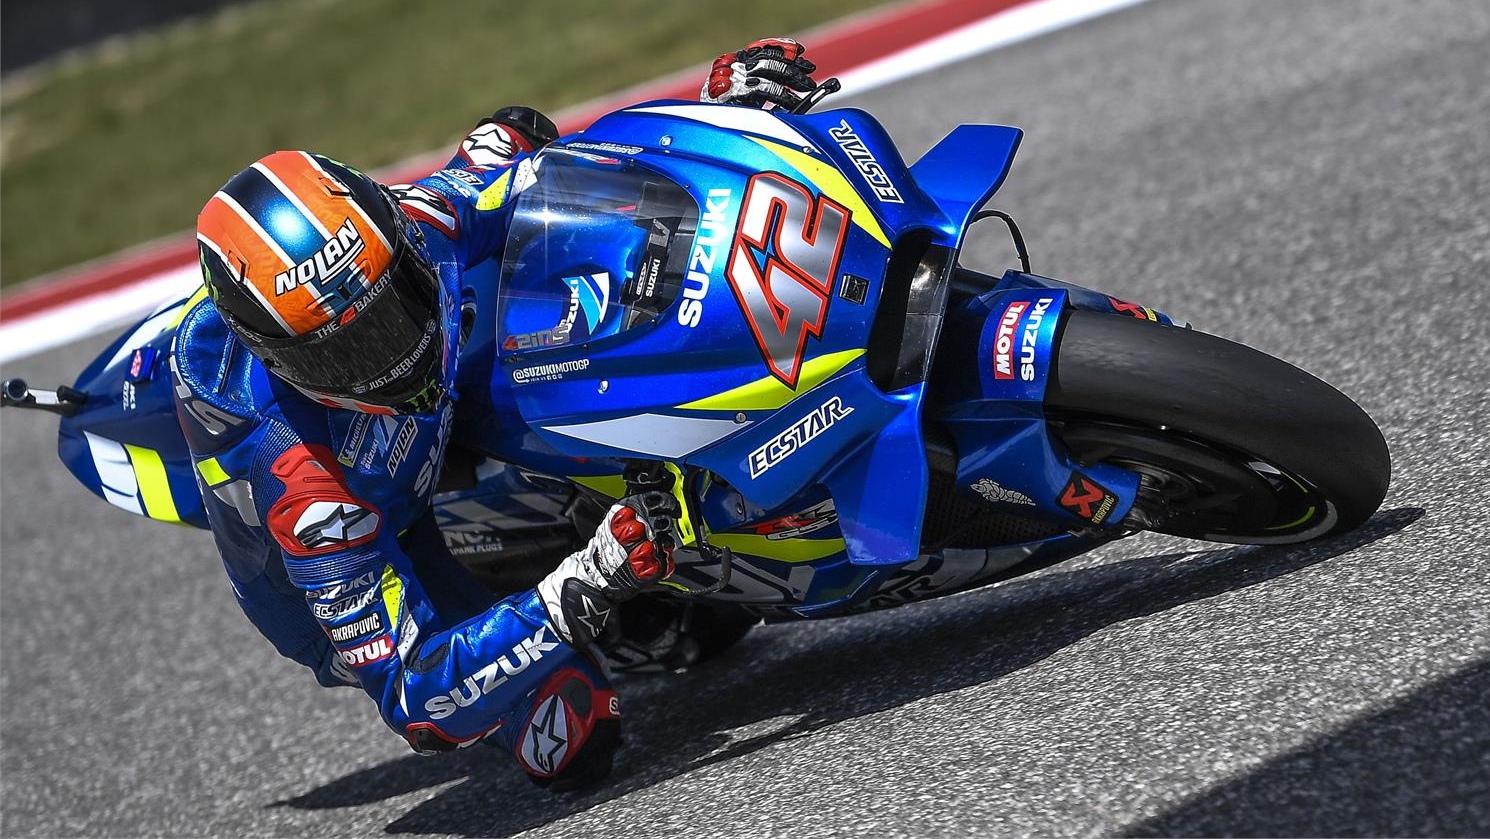 Álex Rins bate a Valentino Rossi en Austin y se estrena como ganador en MotoGP